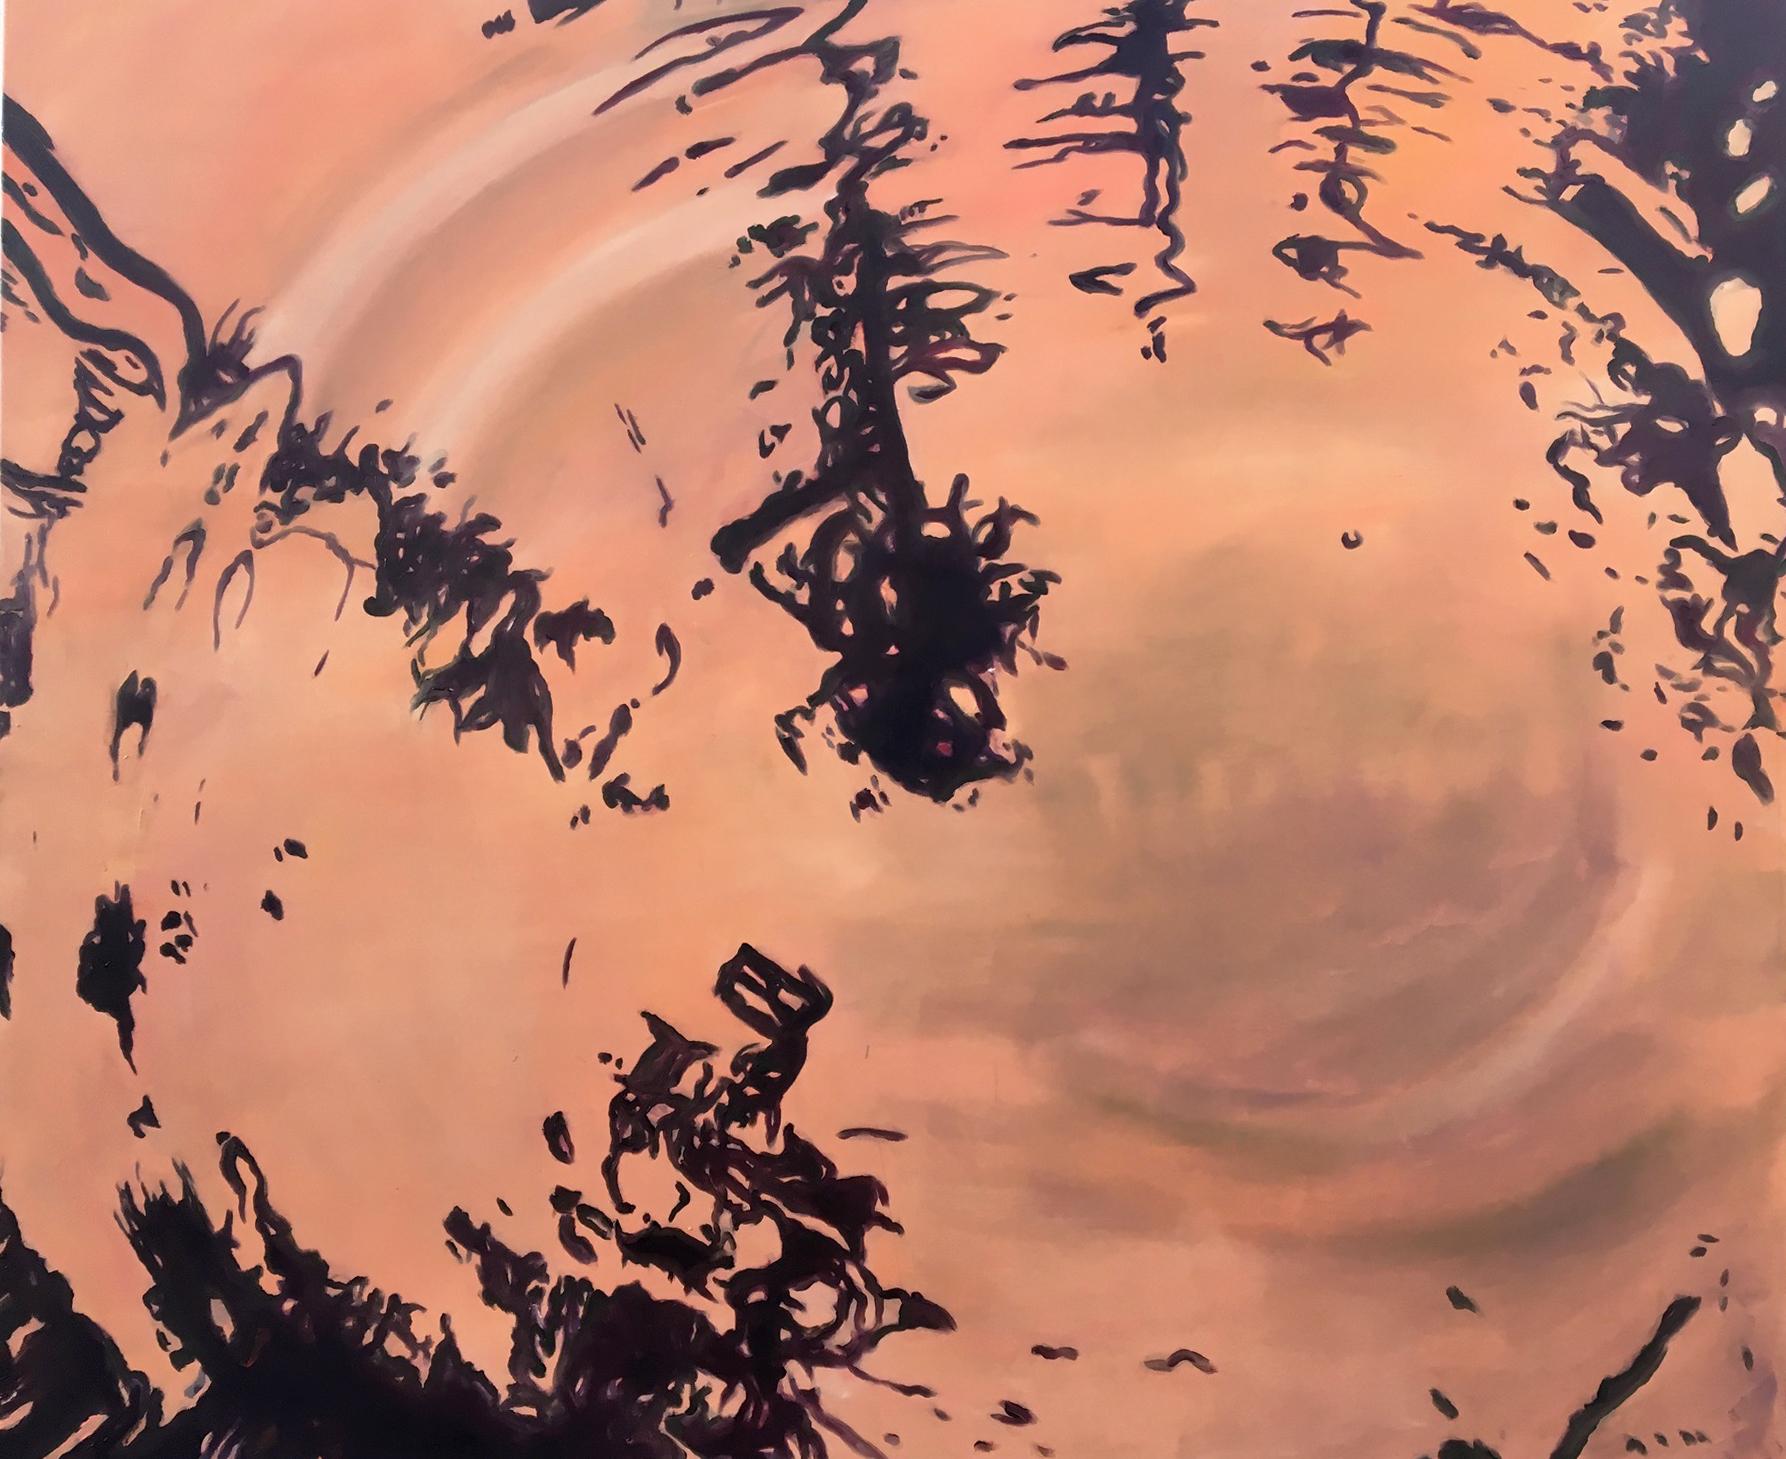 """""""Herbstwasser"""" Nr. 5, 2020, aus dem Werkzyklus """"Ein Sommer am See"""", 2009 -2020, 140 x 170 cm, Oel auf Leinwand"""